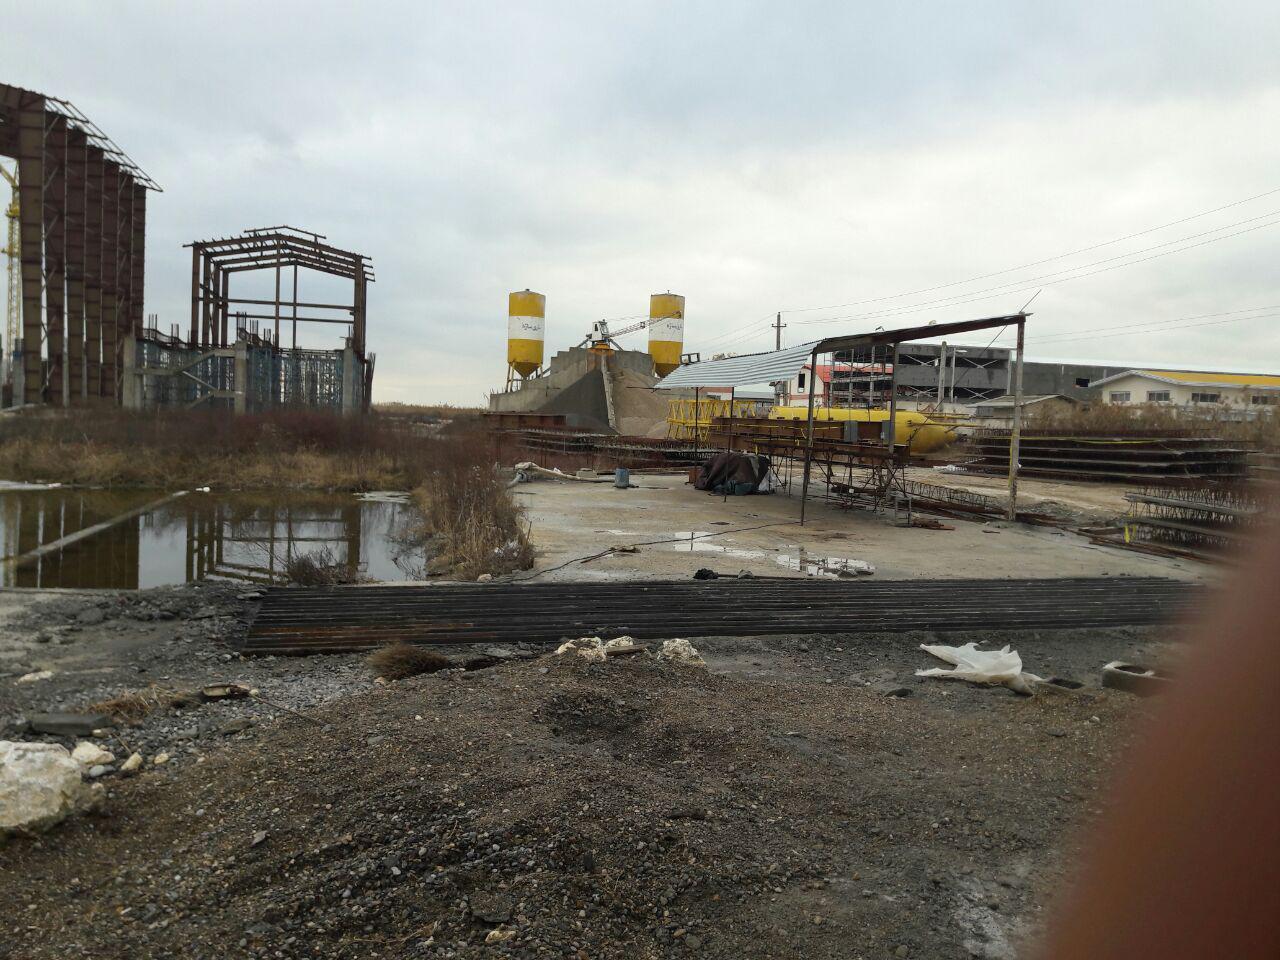 بازدید بخشدار و اعضای شورای بخش چهاردانگه از محل ساخت نیروگاه زباله سوز ساری+تصاویر